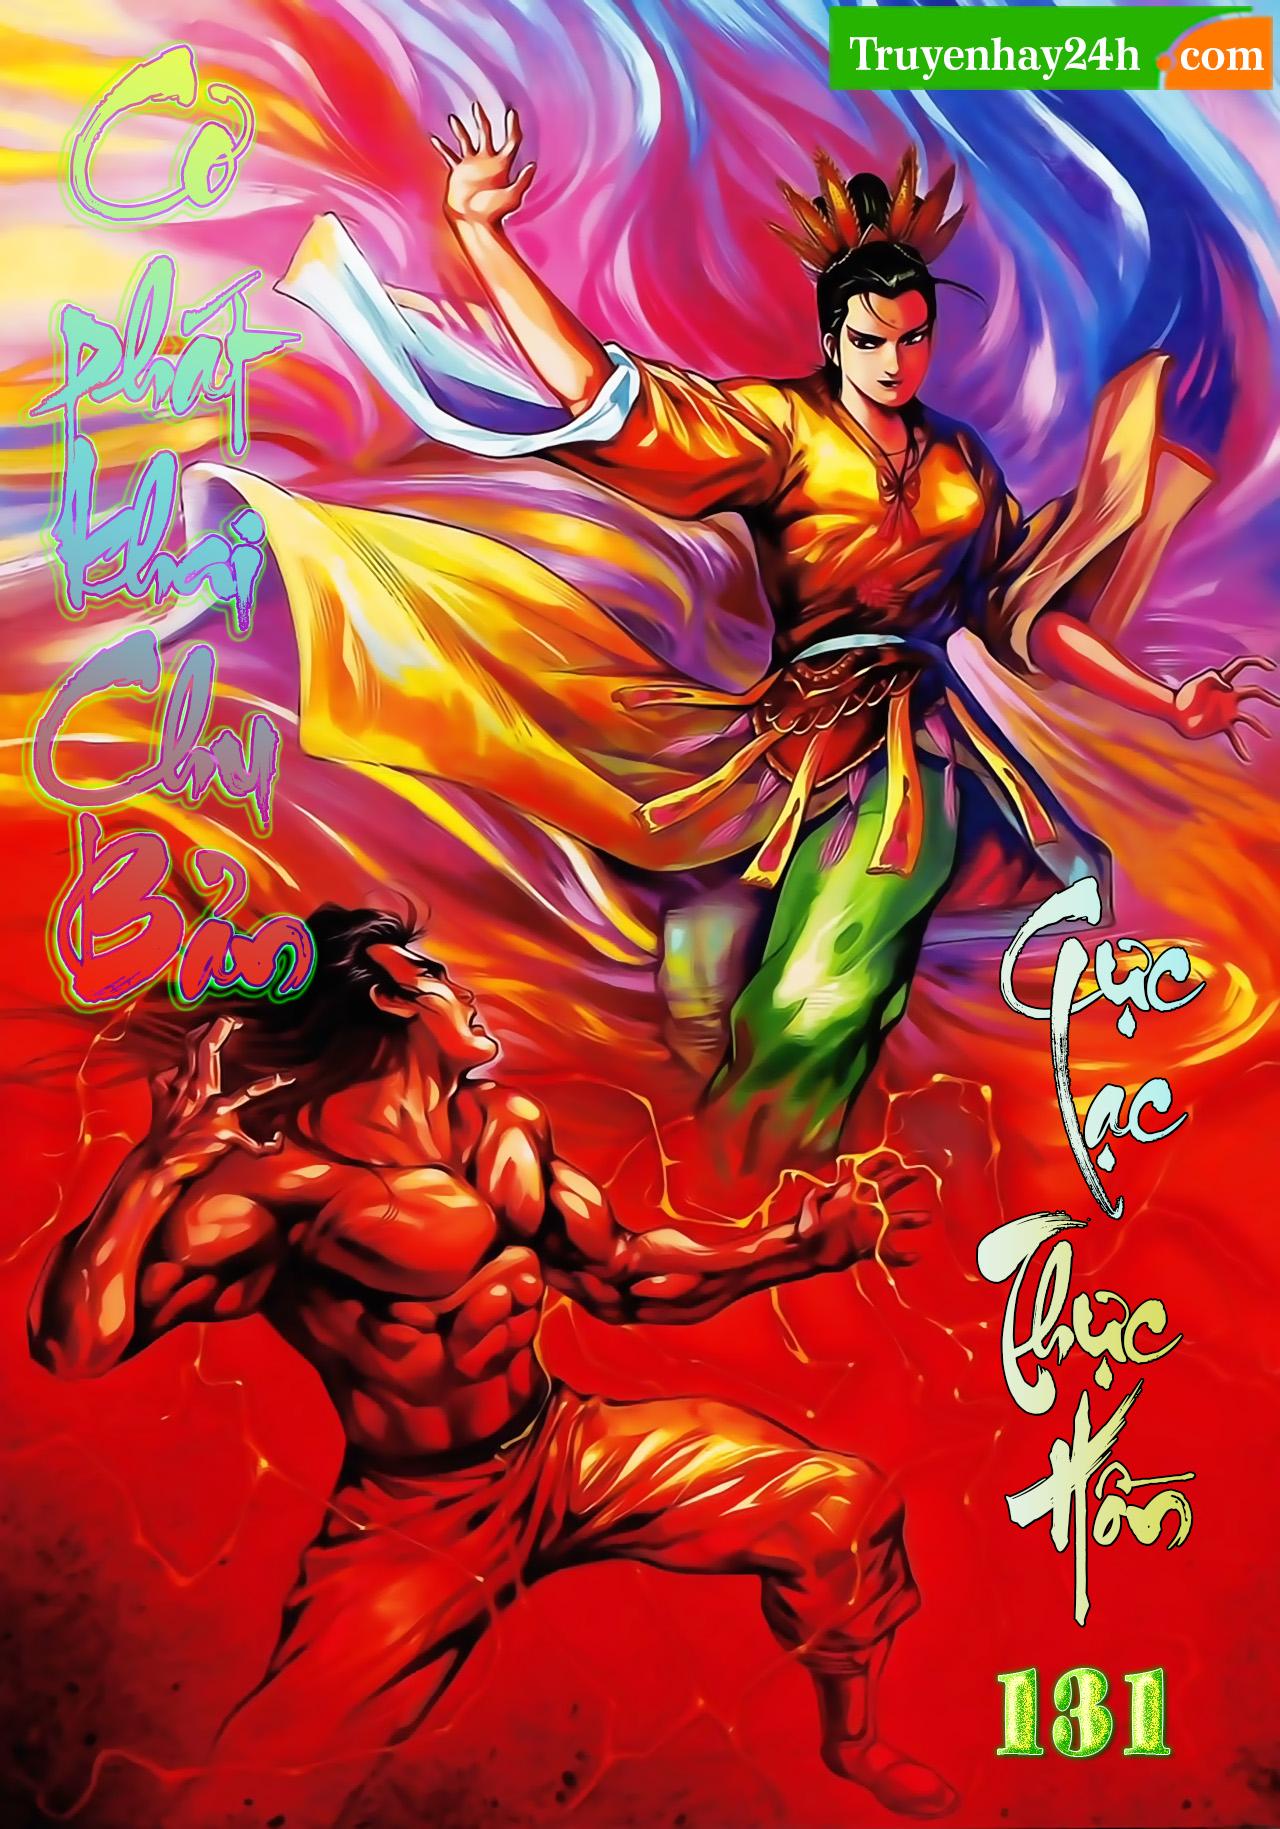 Cơ Phát Khai Chu Bản chapter 131 trang 1